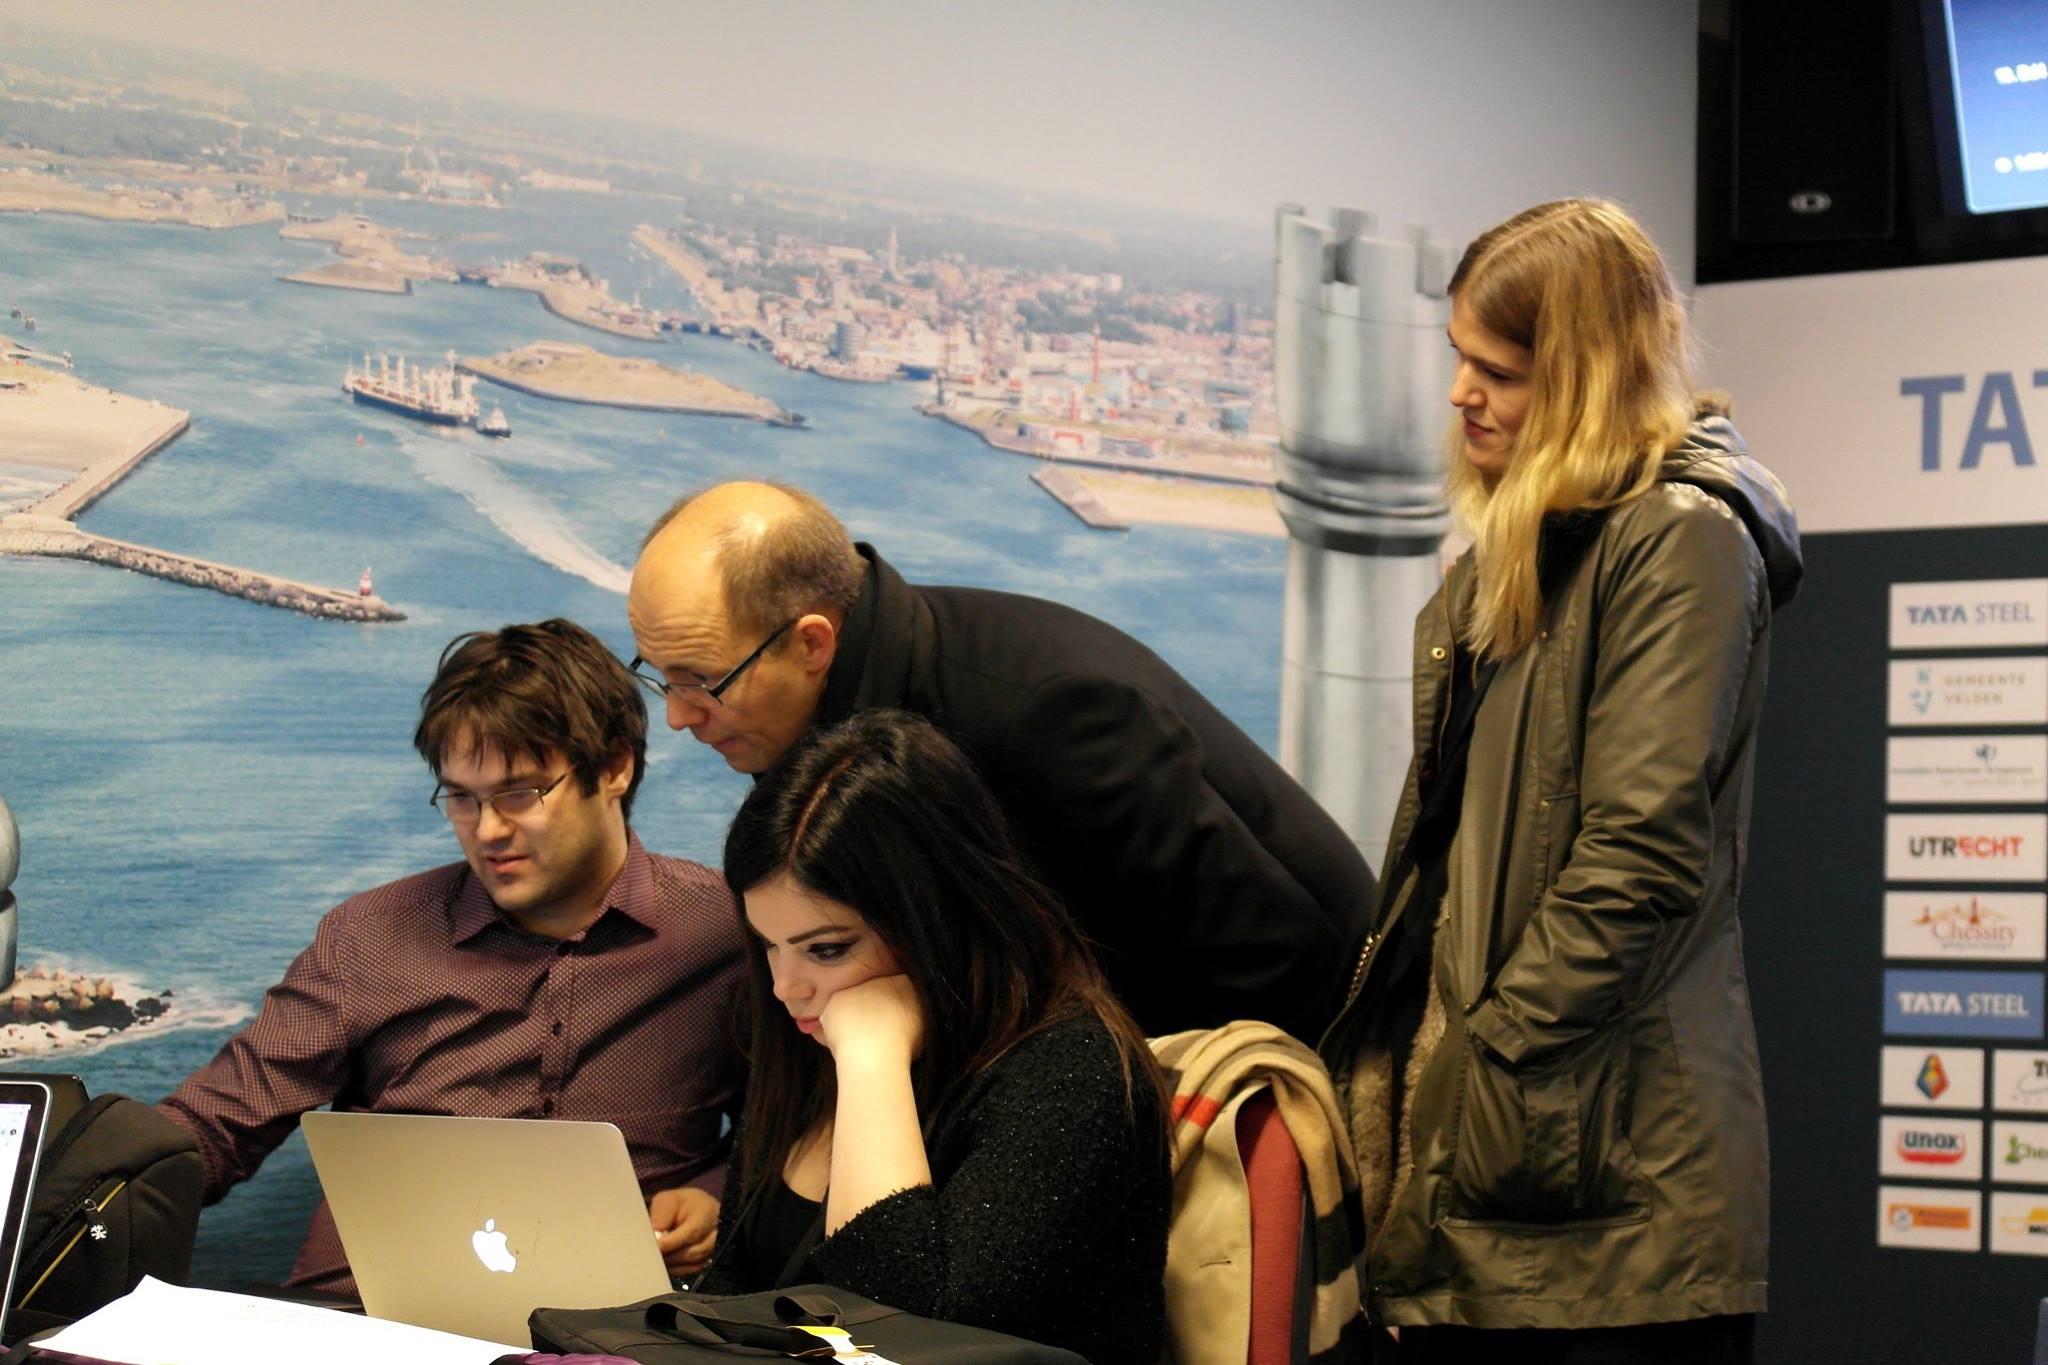 Matt & Patt med en nysgjerrig Henrik Carlsen i Wijk aan Zee i januar. Foto: Fiona Steil-Antoni.